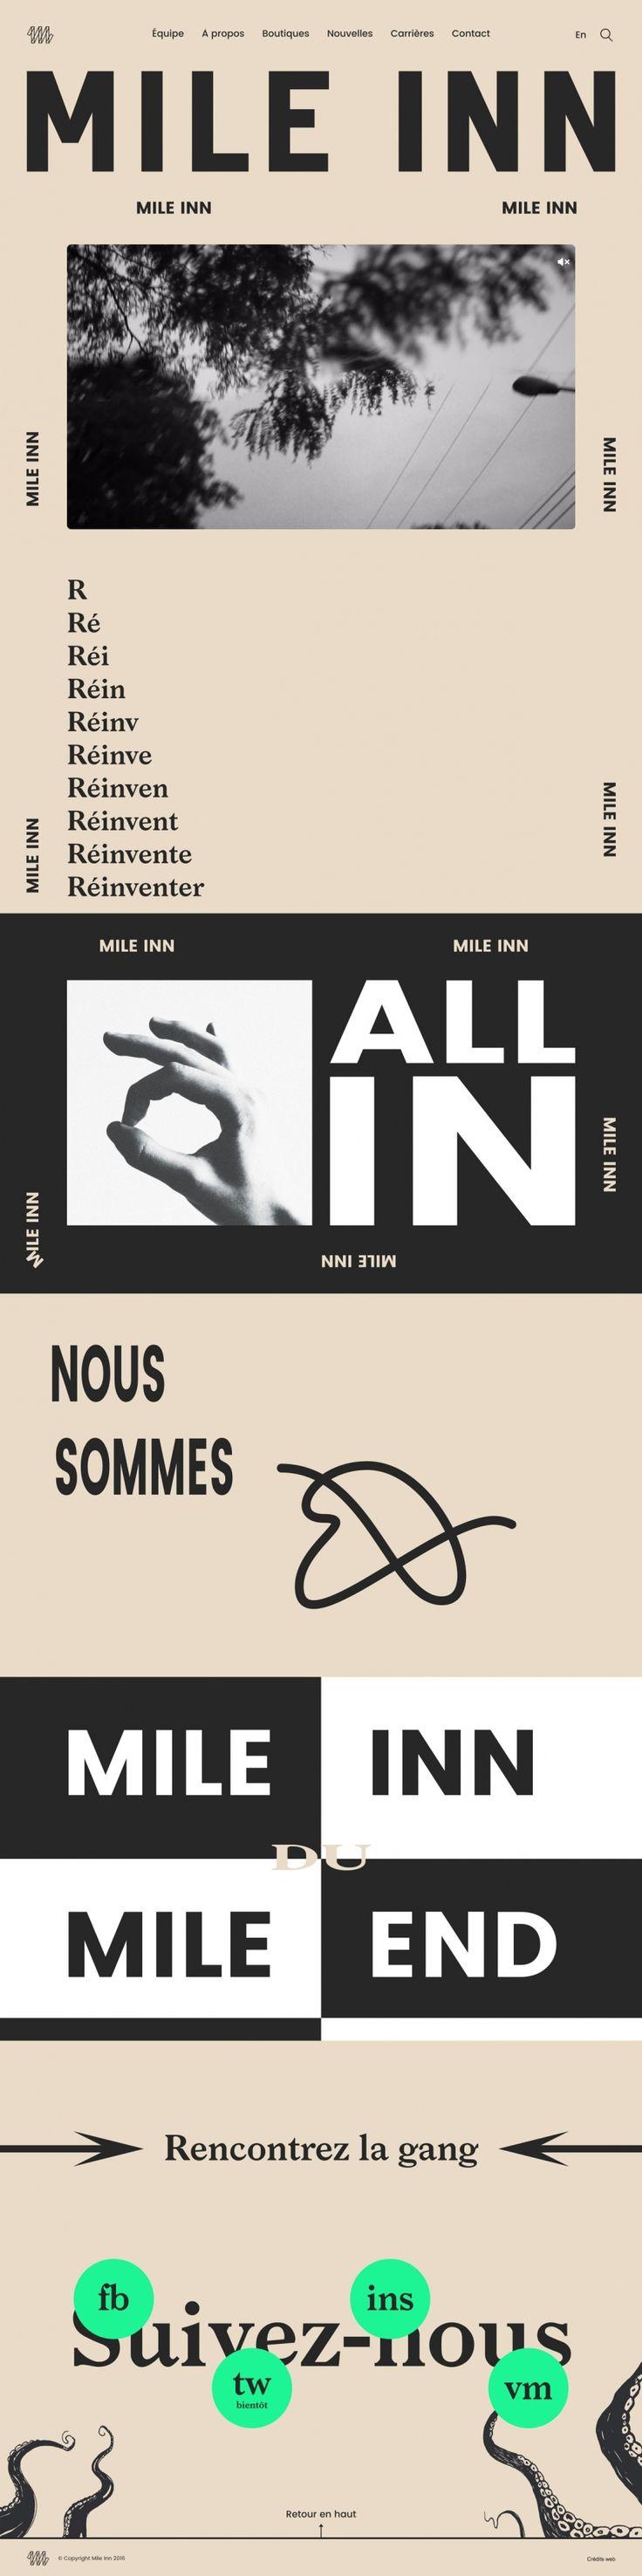 Mile Inn - Mindsparkle Mag